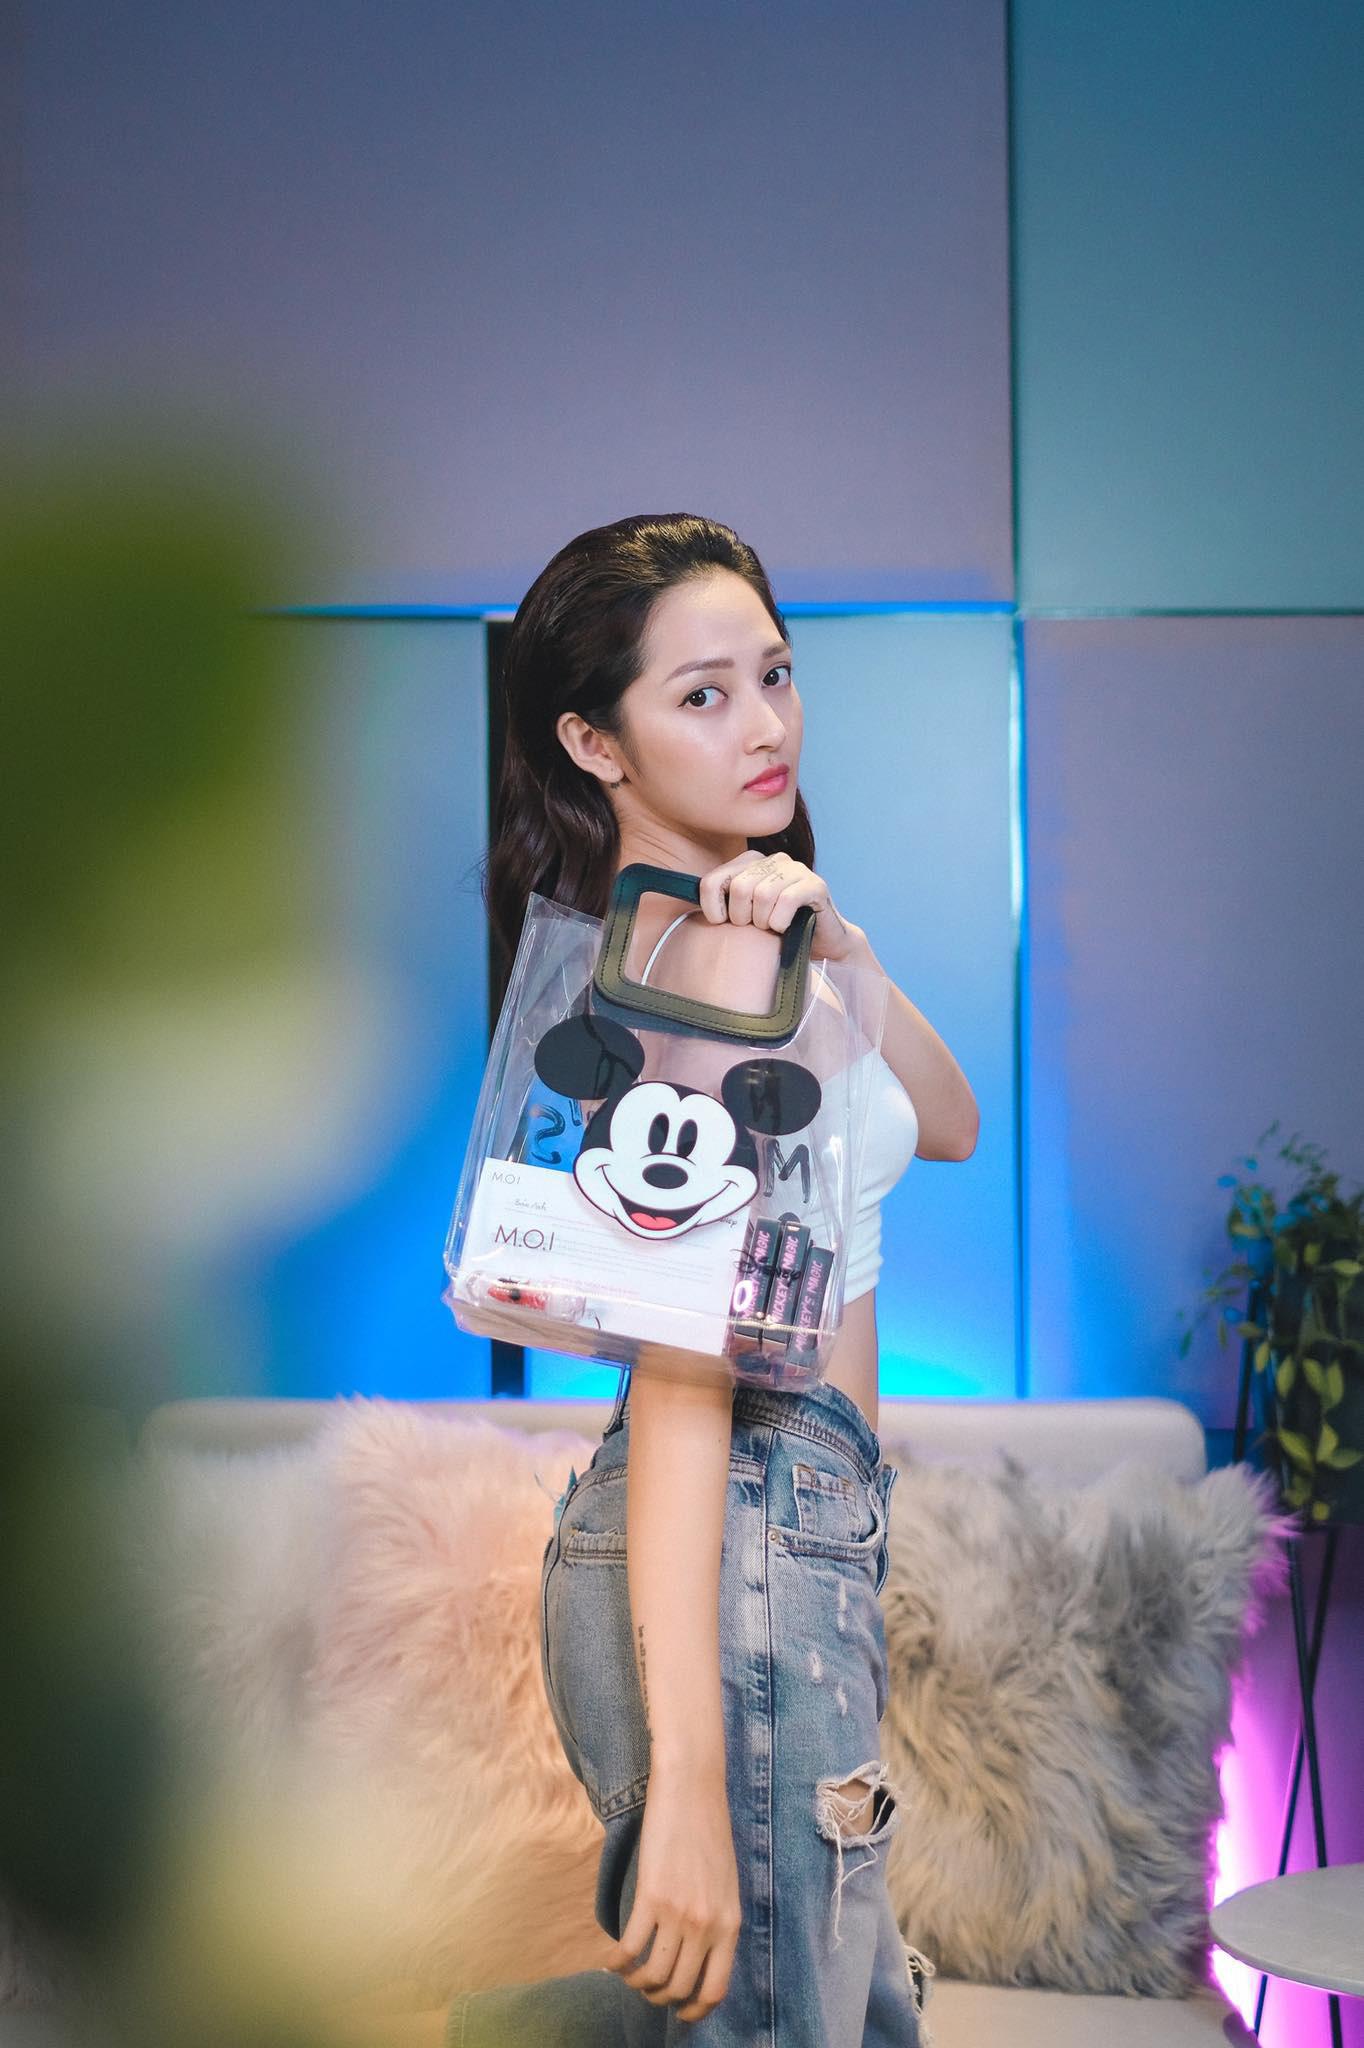 Vì sao BST son phấn M.O.I Cosmetics bắt tay với Disney của Hà Hồ lại khiến hàng loạt sao Việt thả tim ngập trời thế này? - Ảnh 4.